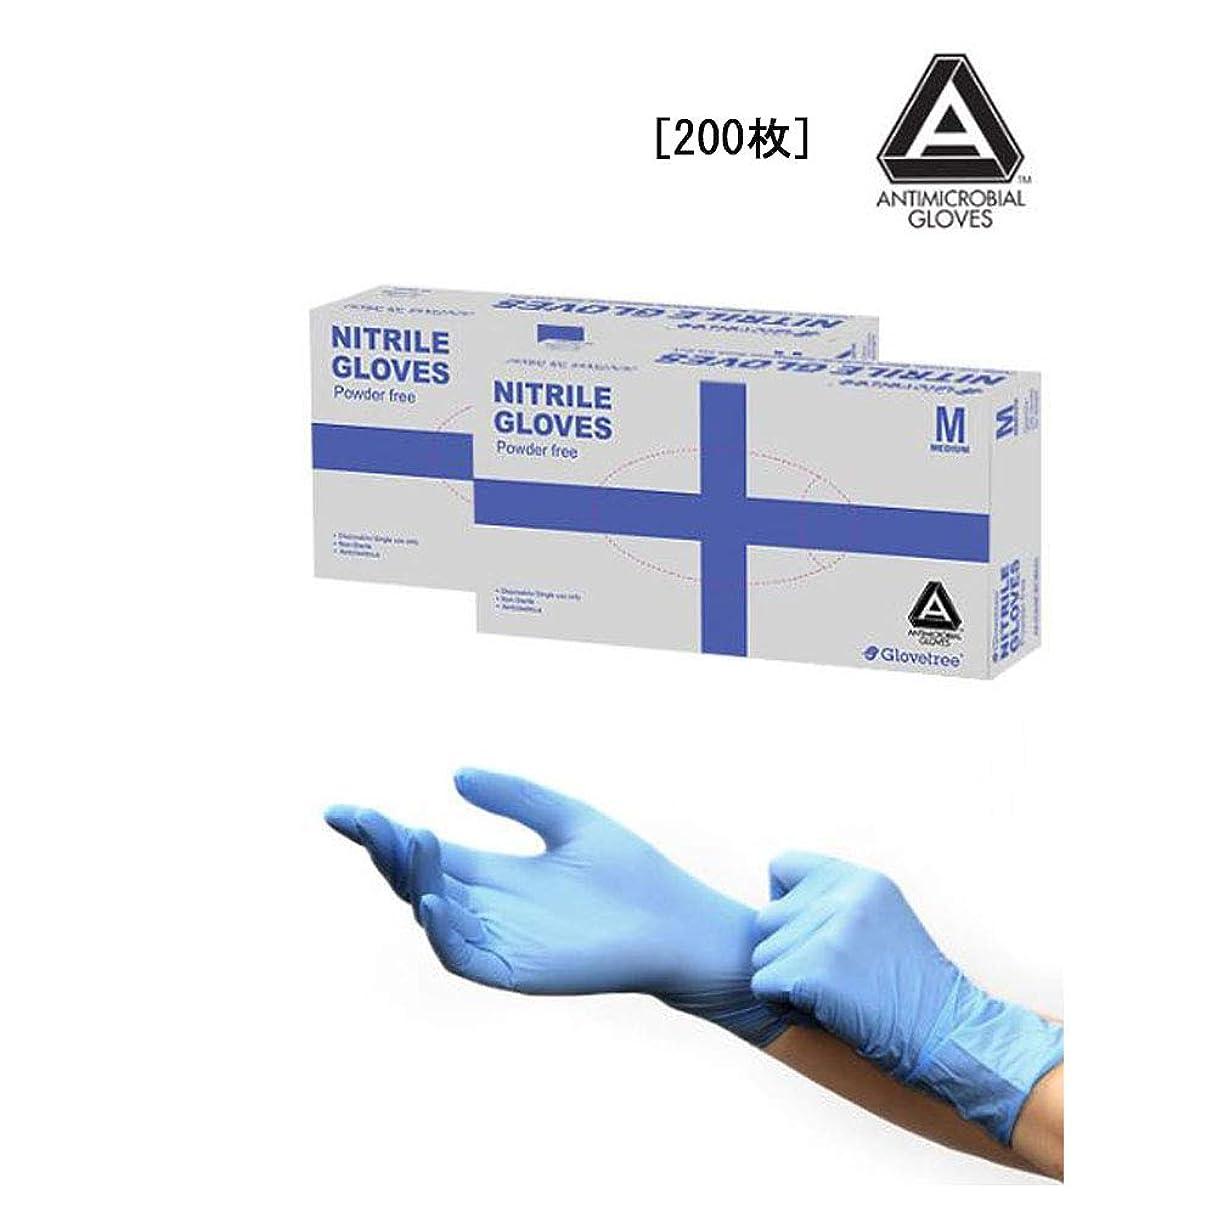 学部意見依存(Glove Tree)AMG(Anti Microbial Gloves) 最高品質 無粉末 ニトリル手袋 パウダーフリー Biolet Blue 200枚(3.2g Nitrile、Mサイズ目安、Powder Free)【海外配送商品】【並行輸入品】 (S)